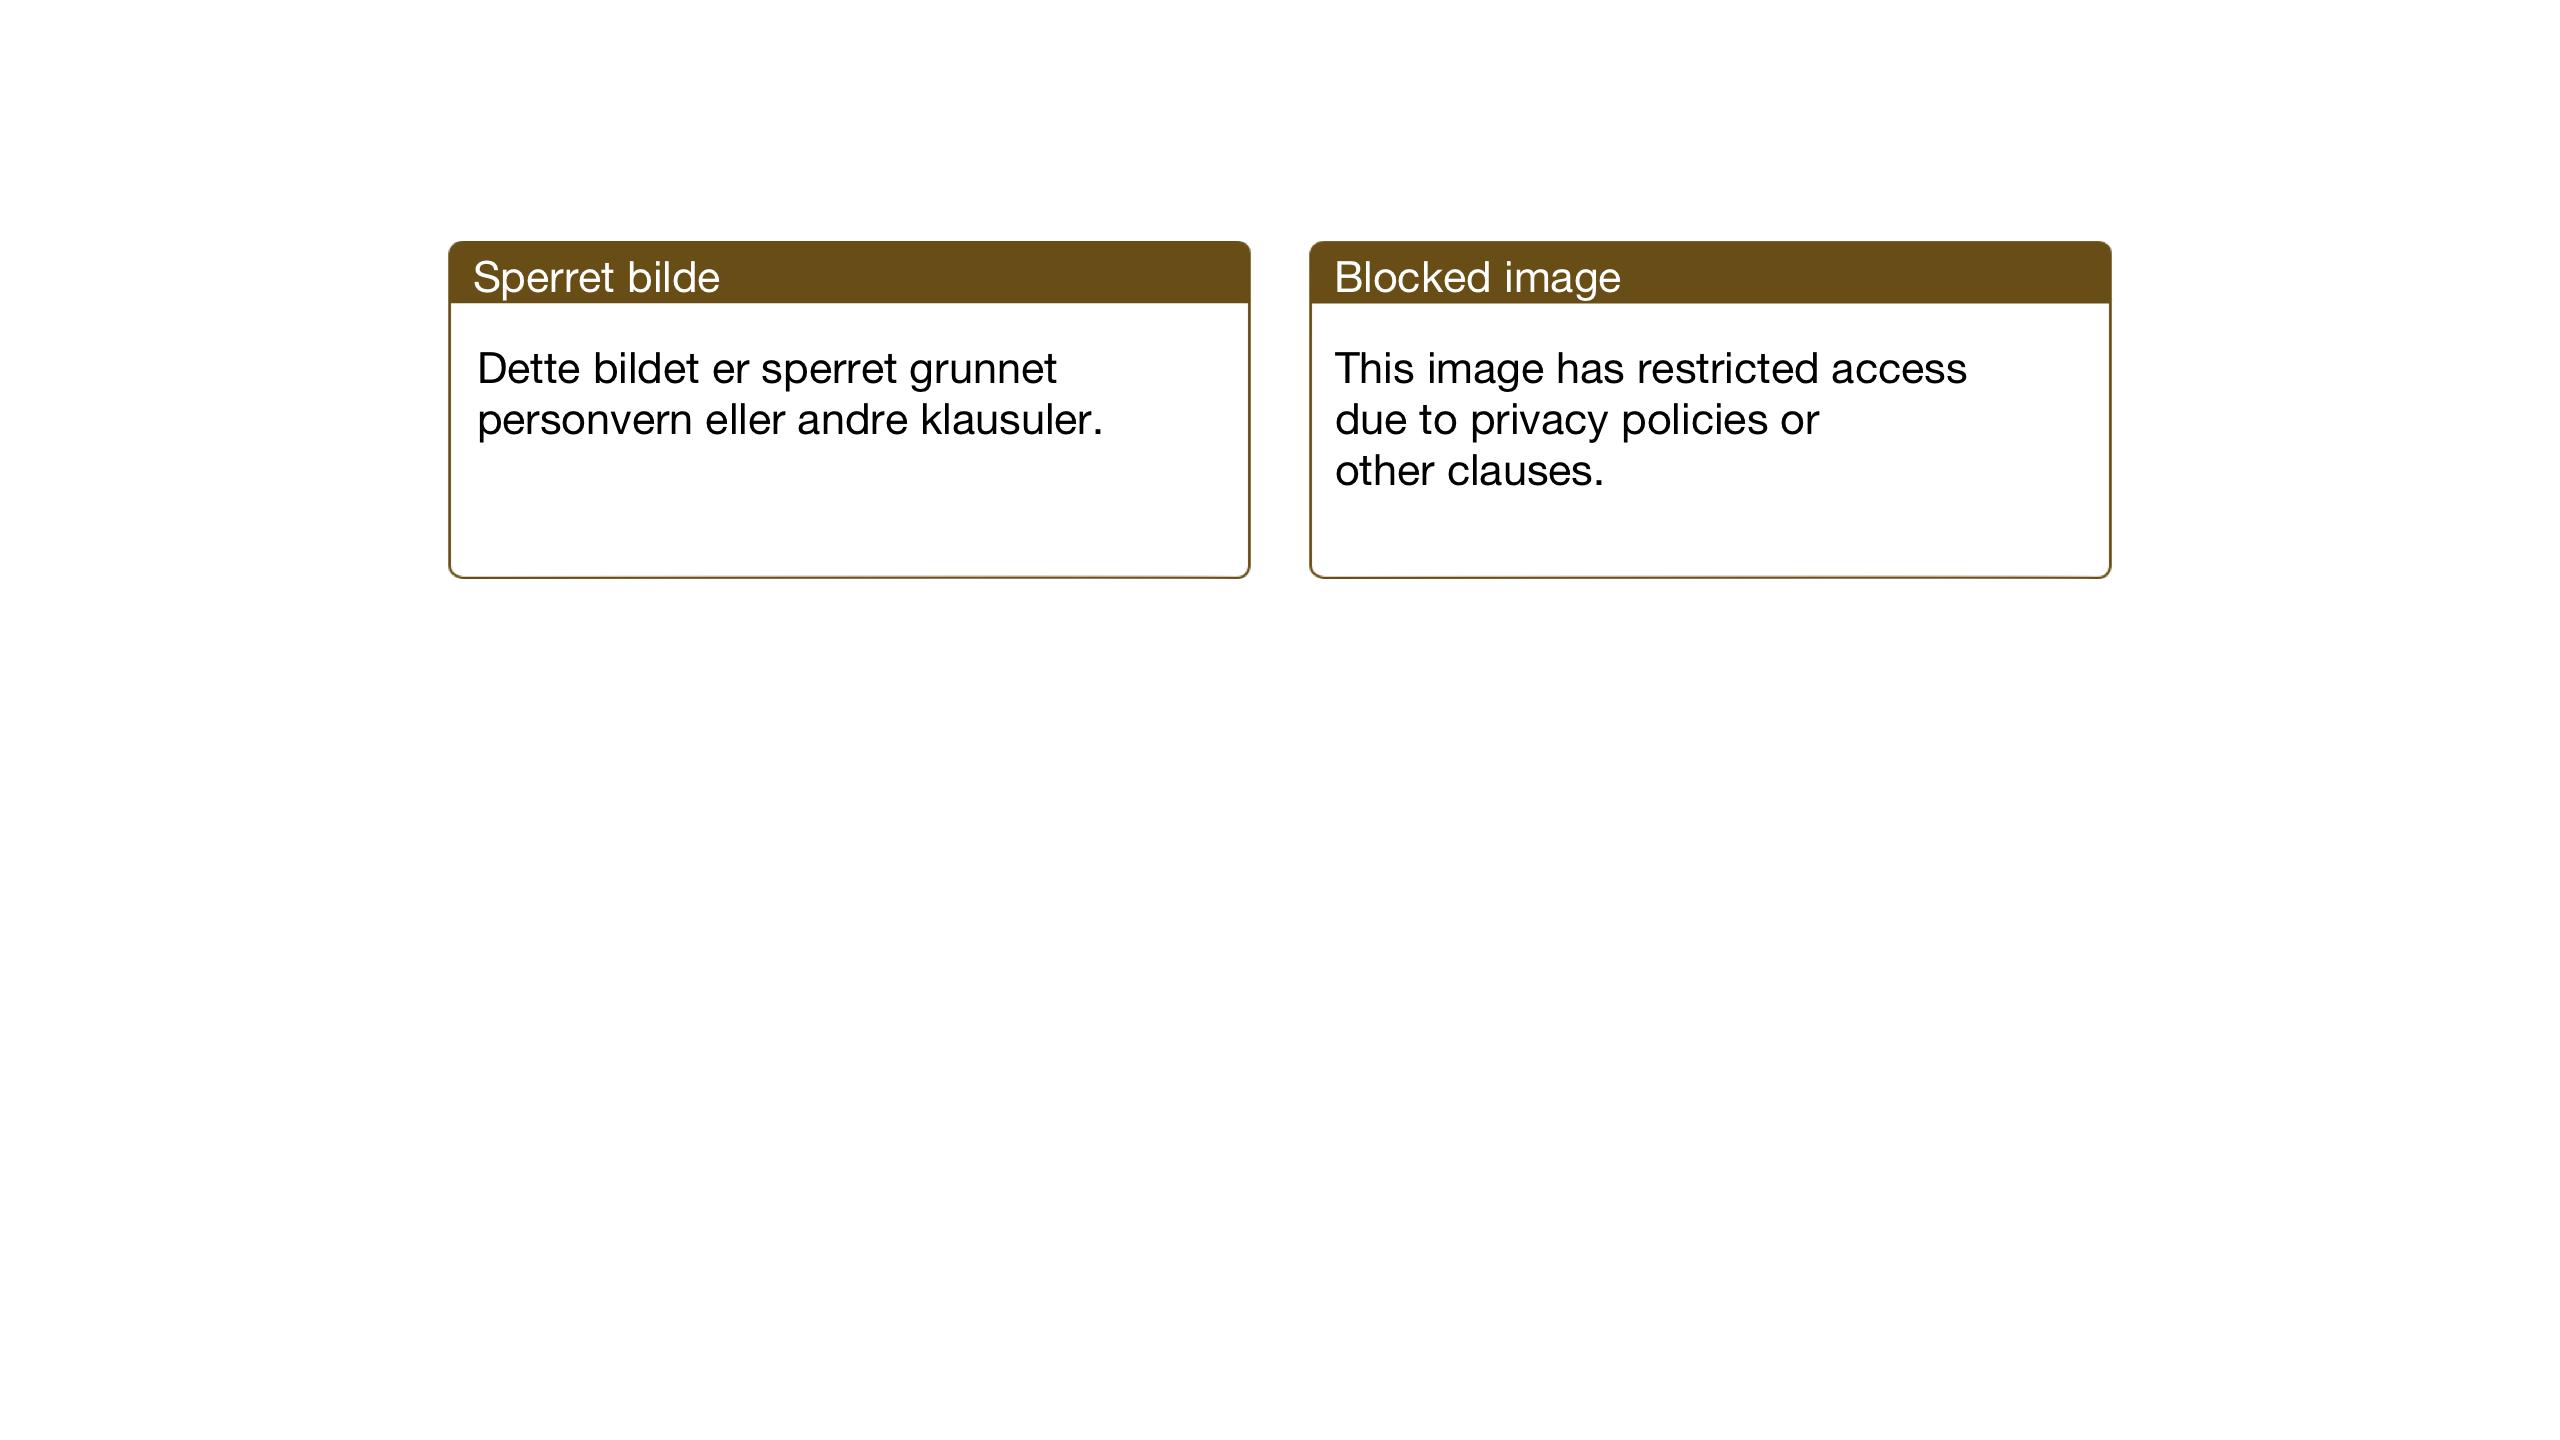 SAT, Ministerialprotokoller, klokkerbøker og fødselsregistre - Nord-Trøndelag, 773/L0625: Klokkerbok nr. 773C01, 1910-1952, s. 159